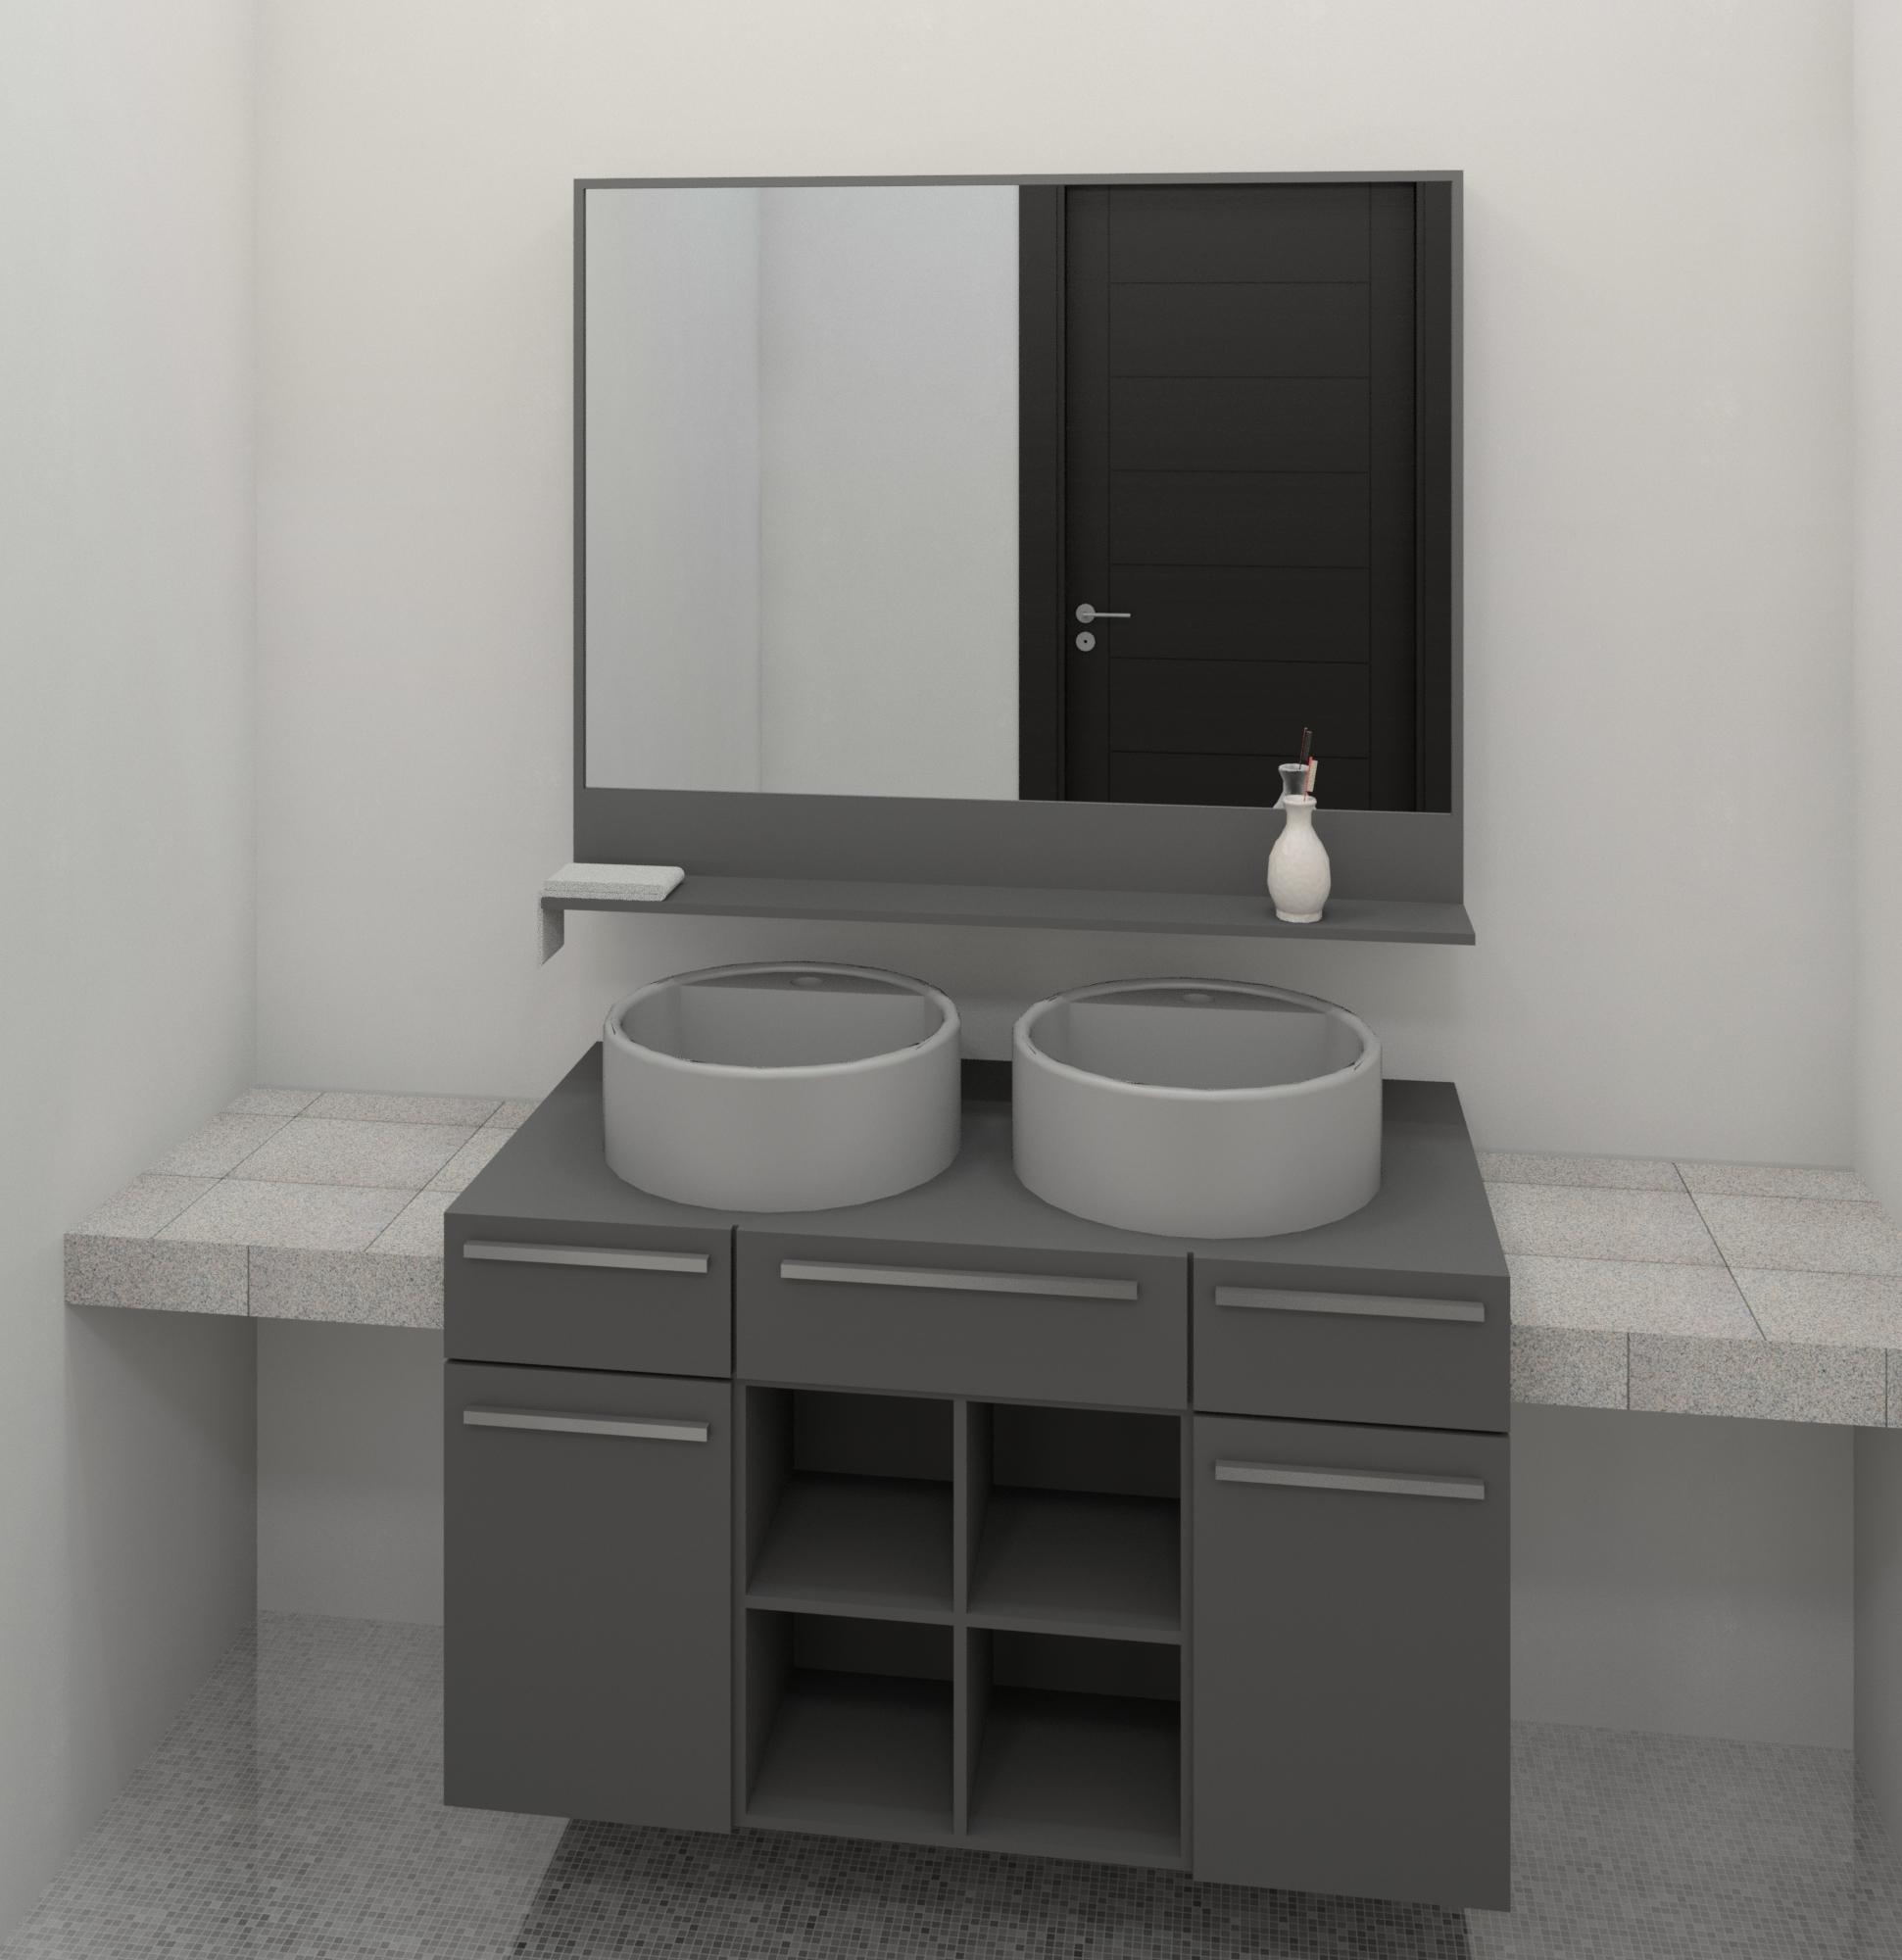 Raas-rendering20150526-15735-1gy32lu